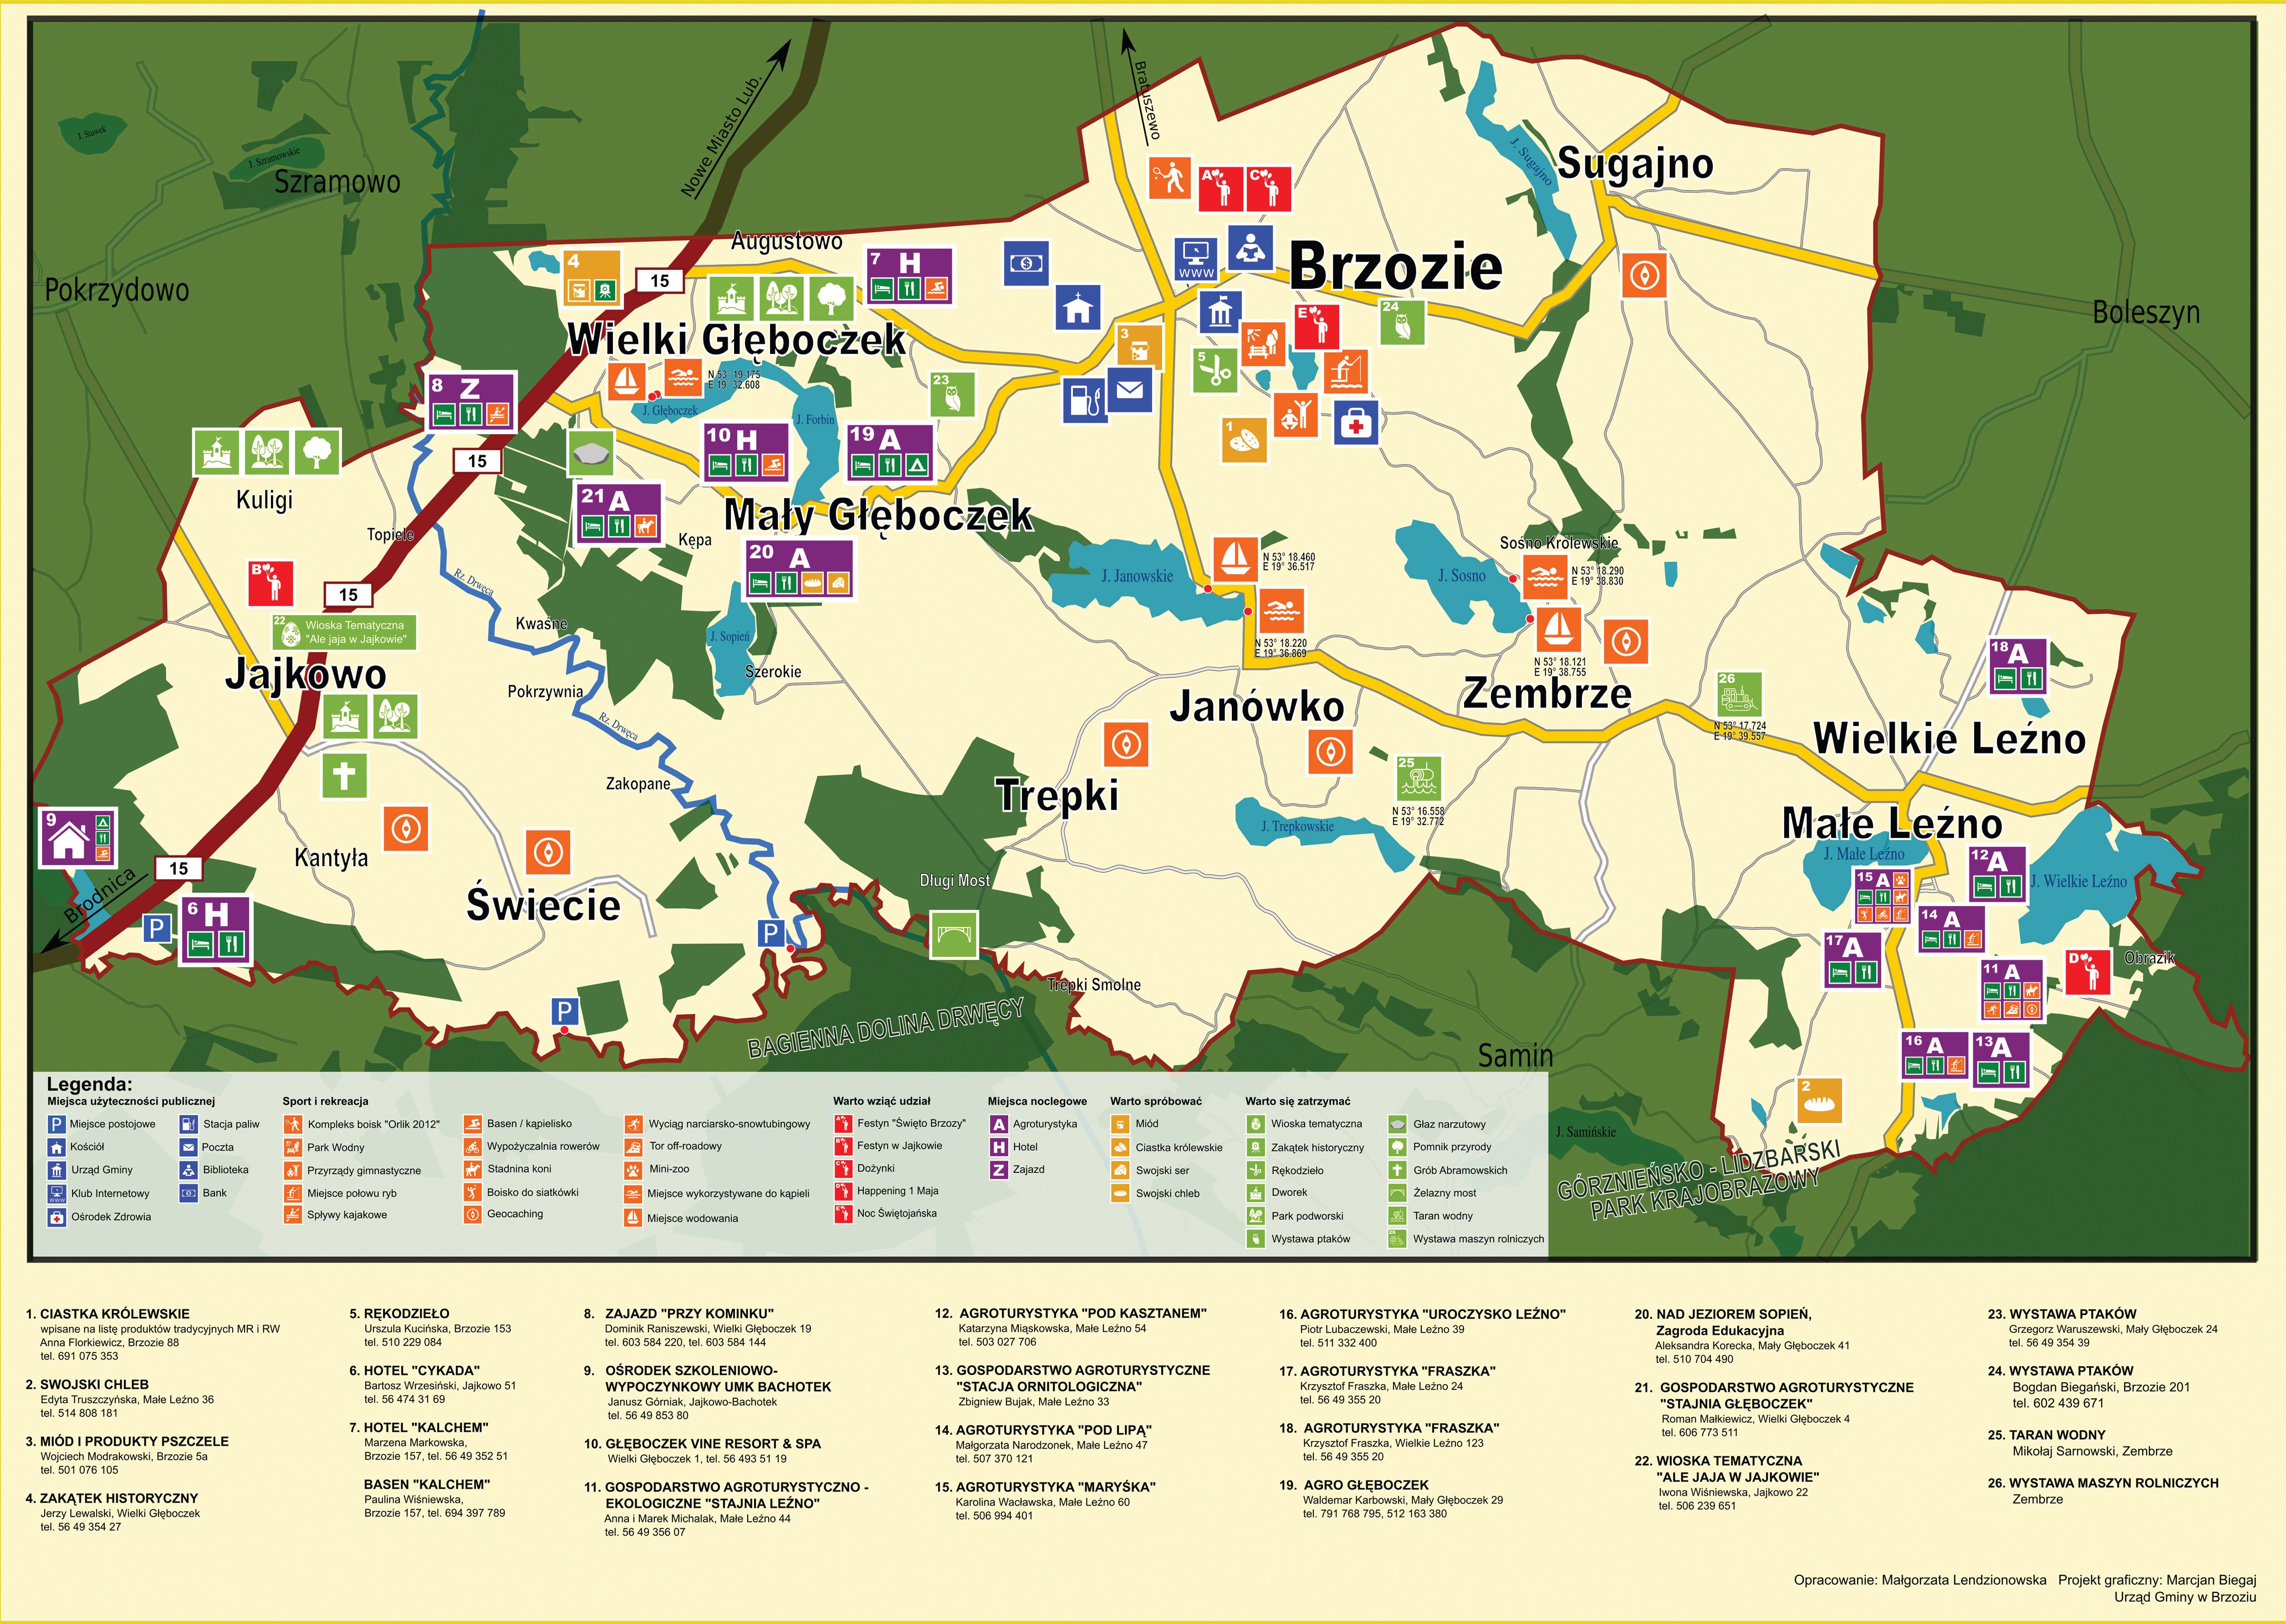 Mapka turystyczna STR 1 A3 - Mapka turystyczna